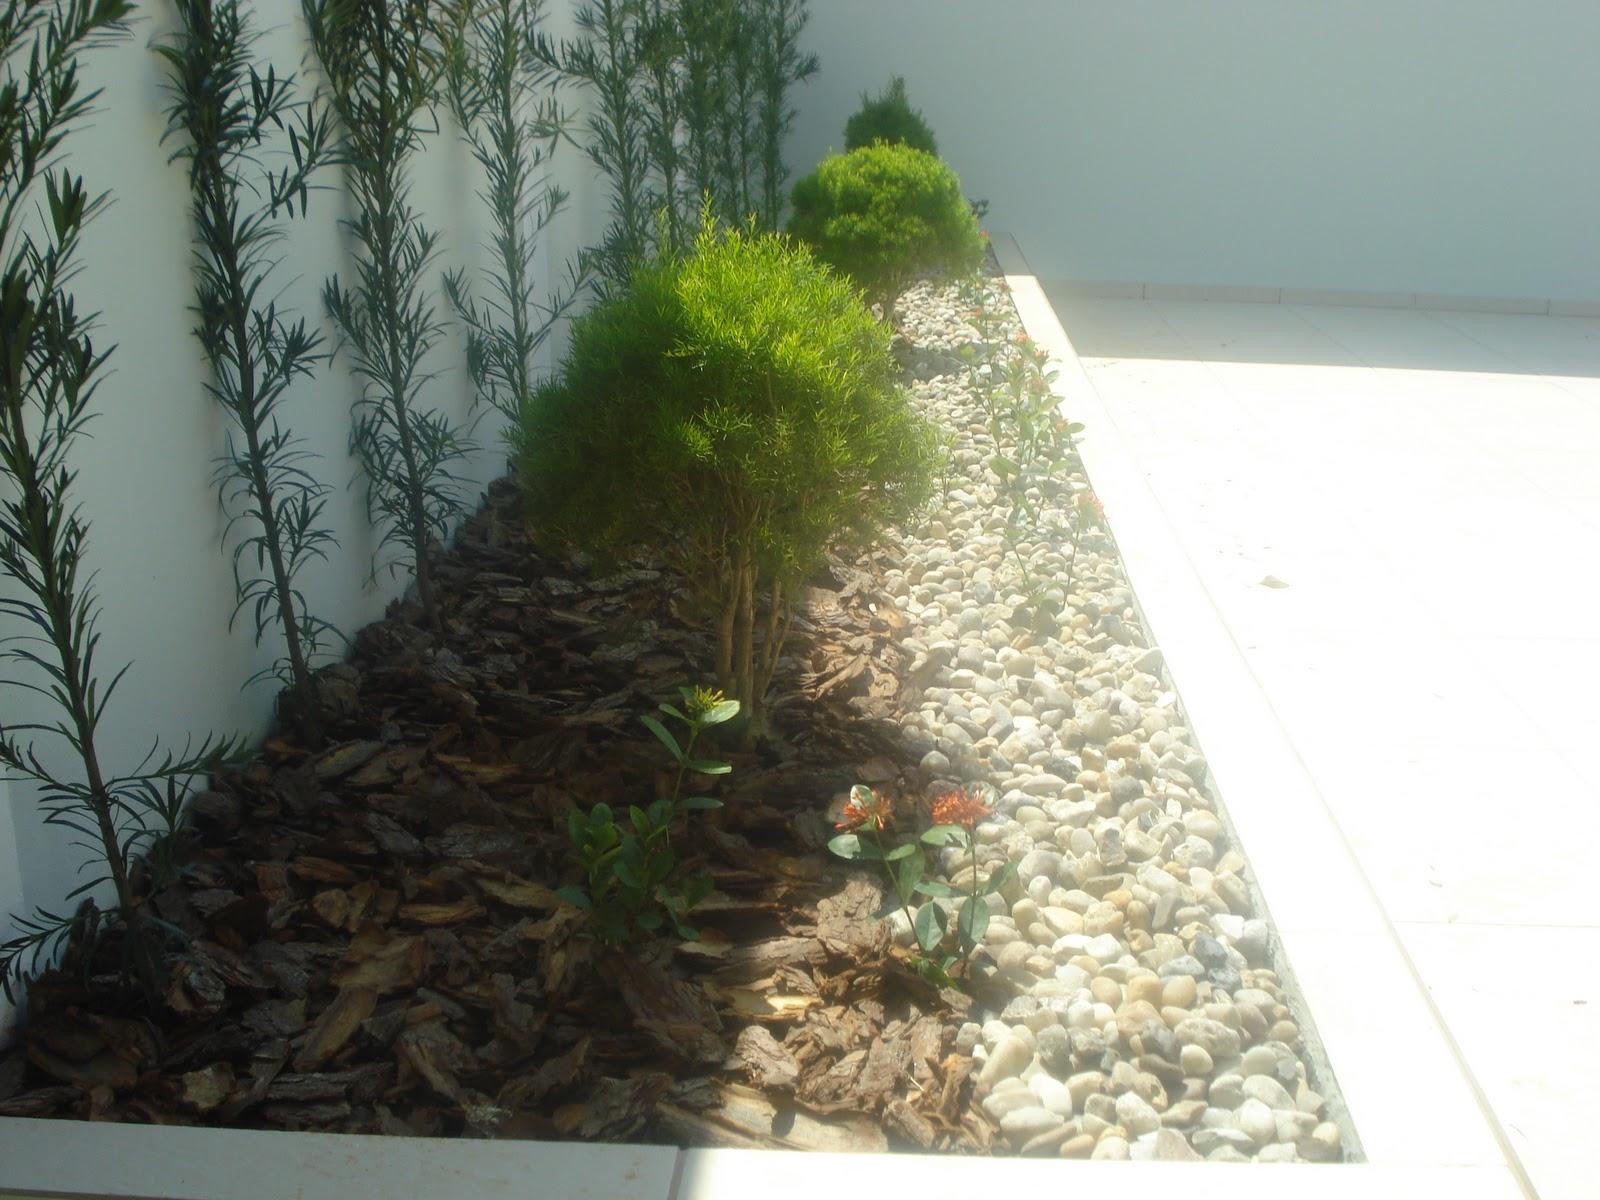 fotos de um jardim lindo : fotos de um jardim lindo:de Produtos Agropecuários Ltda.: Seu pequeno espaço merece um lindo